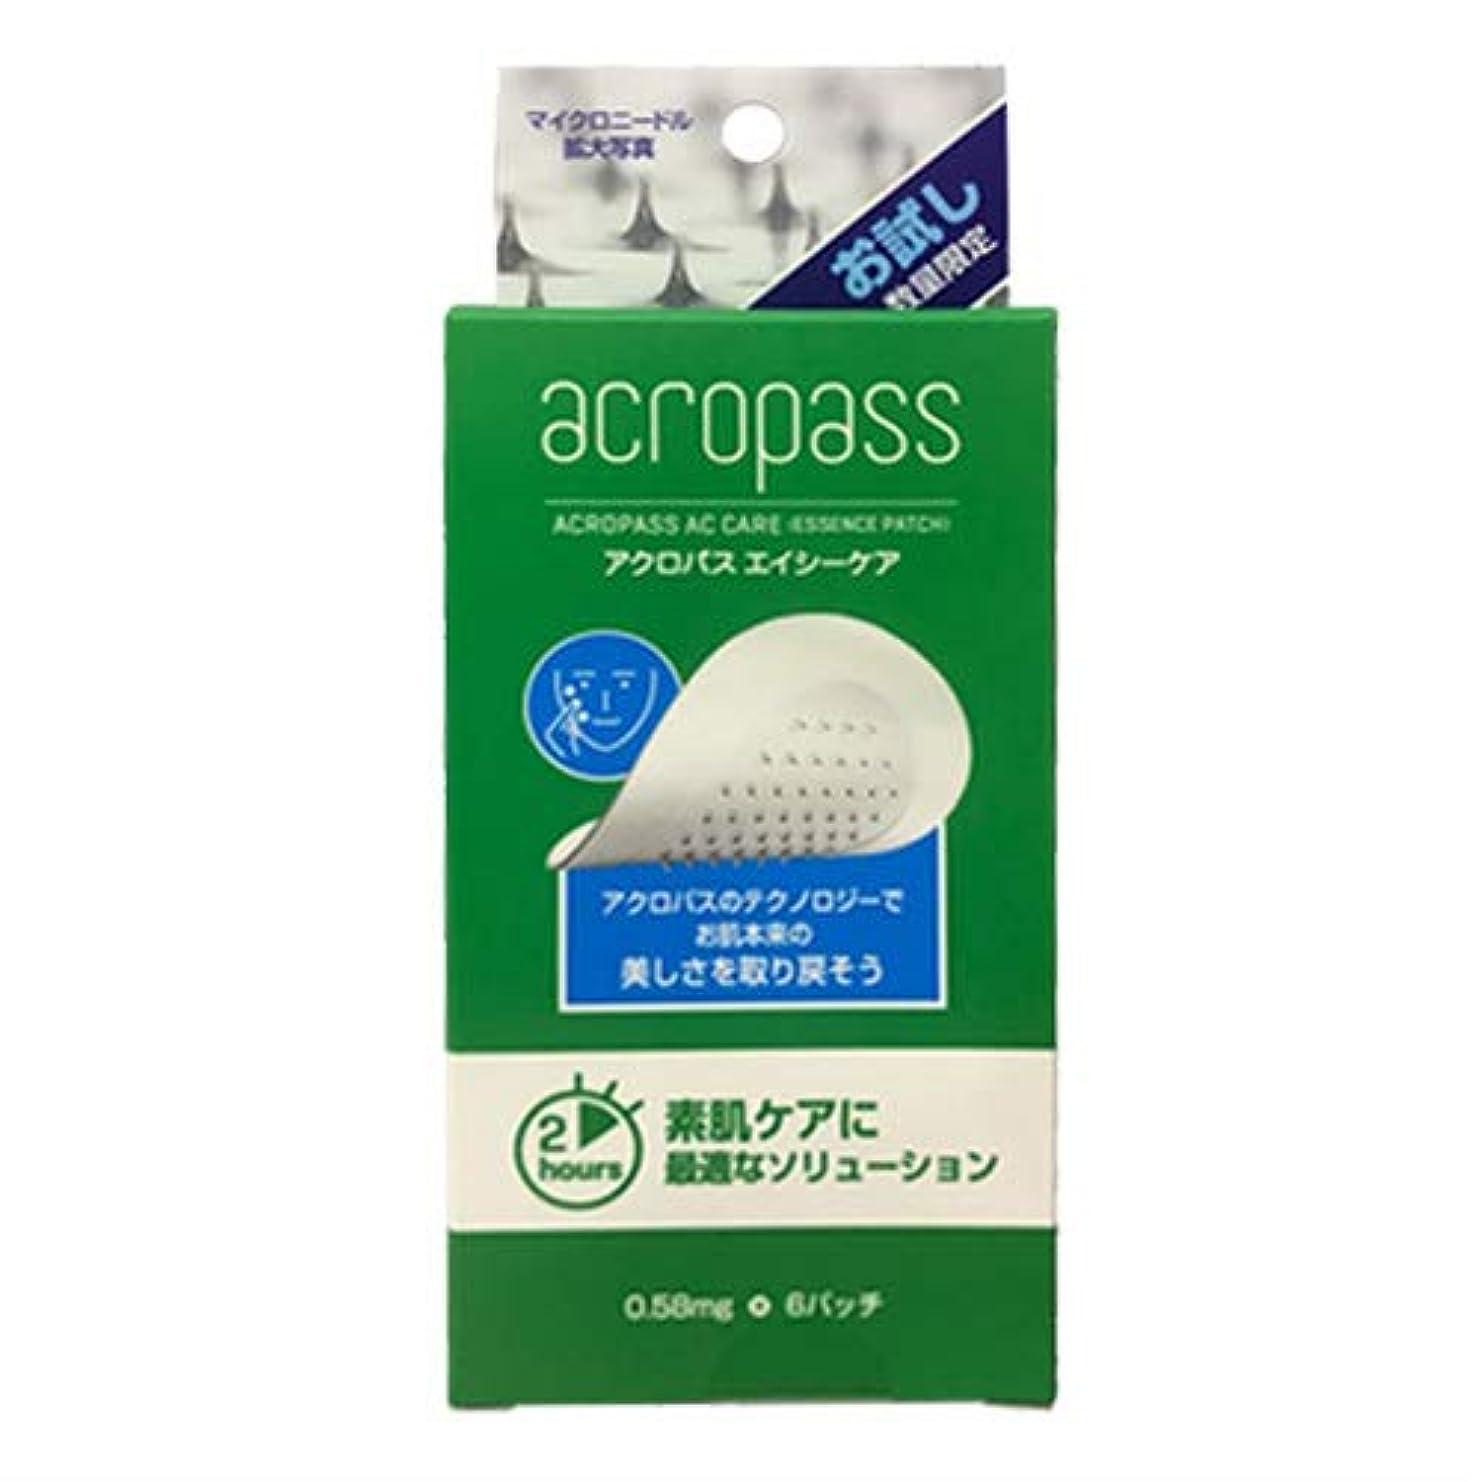 ビヨン一族日帰り旅行にAcropass (アクロパス) アクロパス エイシーケア プラスお試しサイズ フェイスマスク 無香料 6パッチ入り